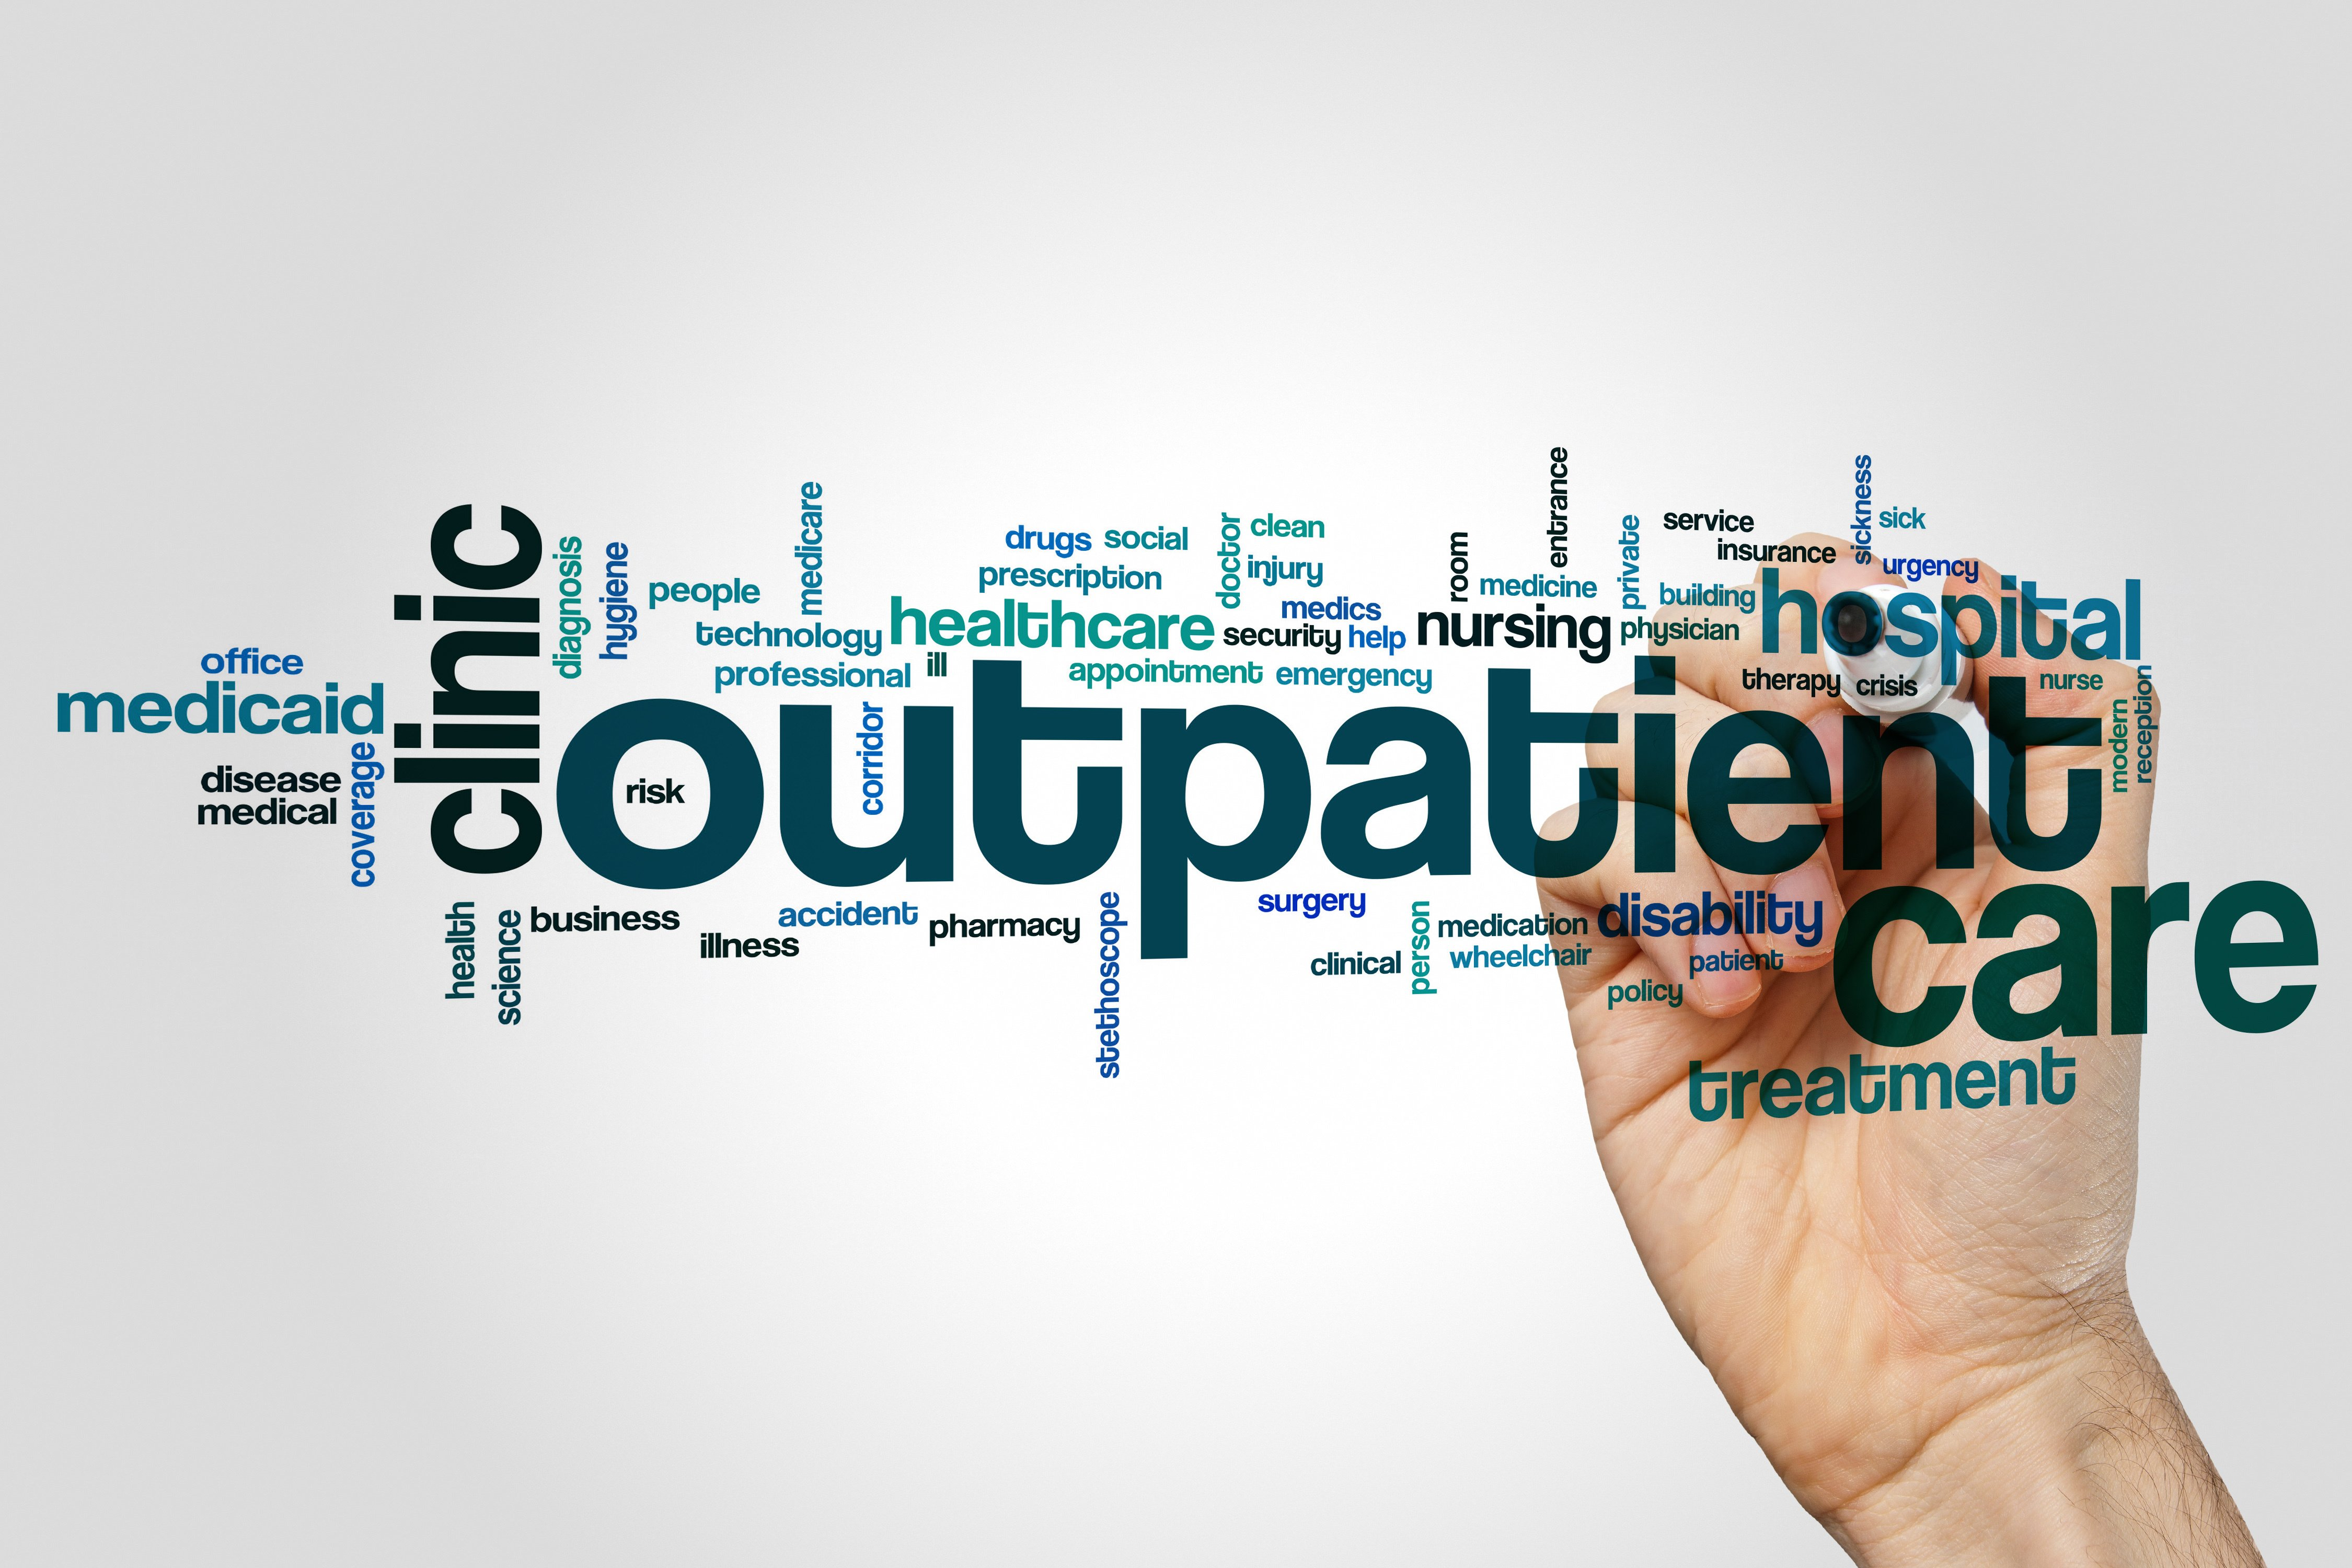 Outpatient care word cloud